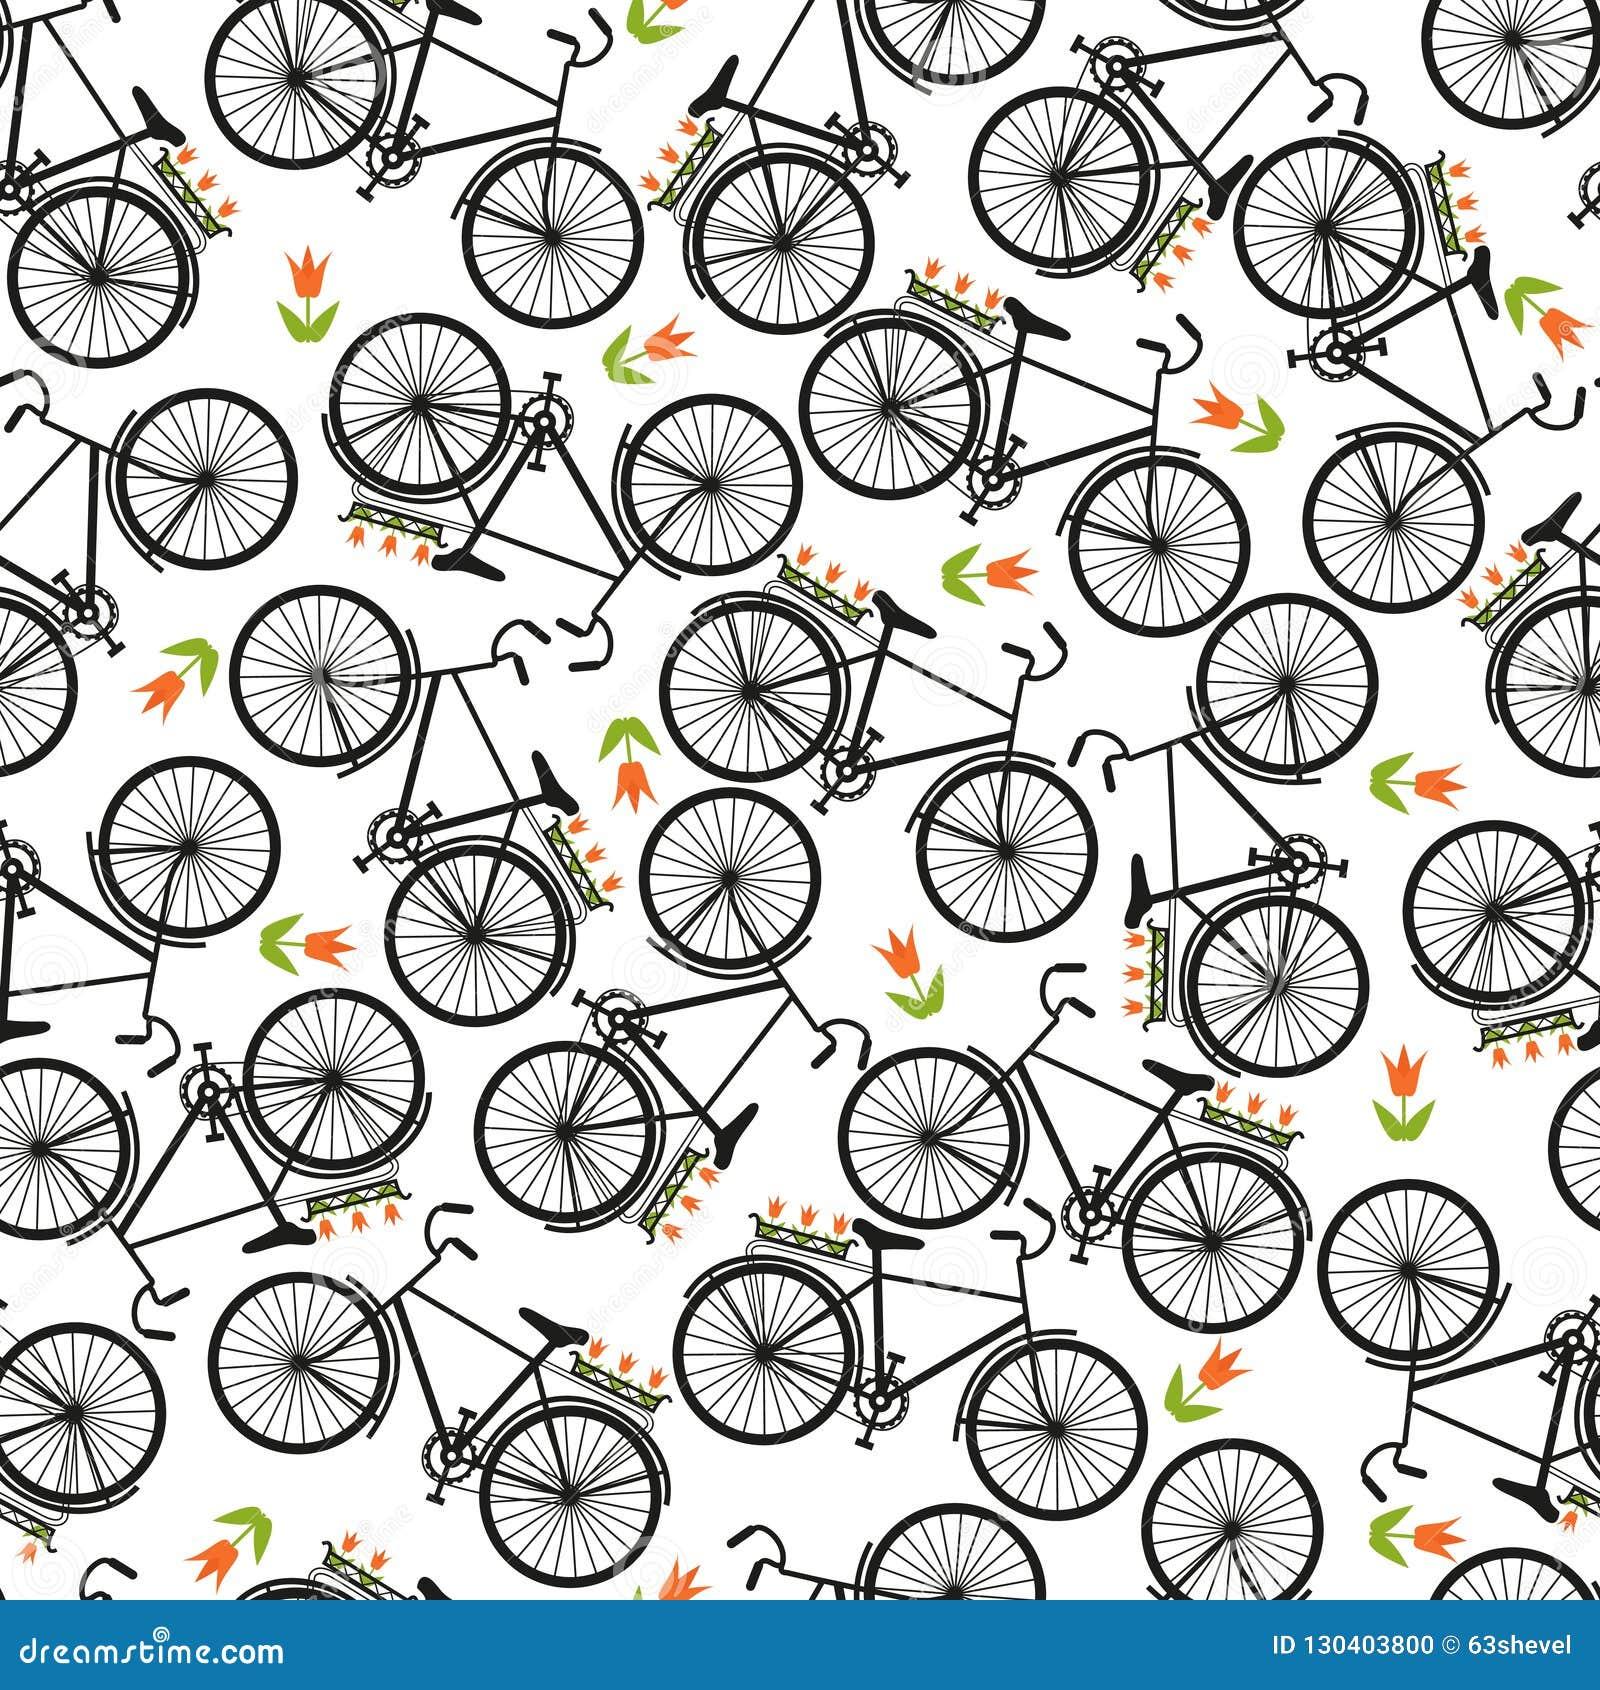 b4a050a4677 Απεικόνιση του ποδηλάτου, που οδηγά στο ποδήλατο, διανυσματική ...